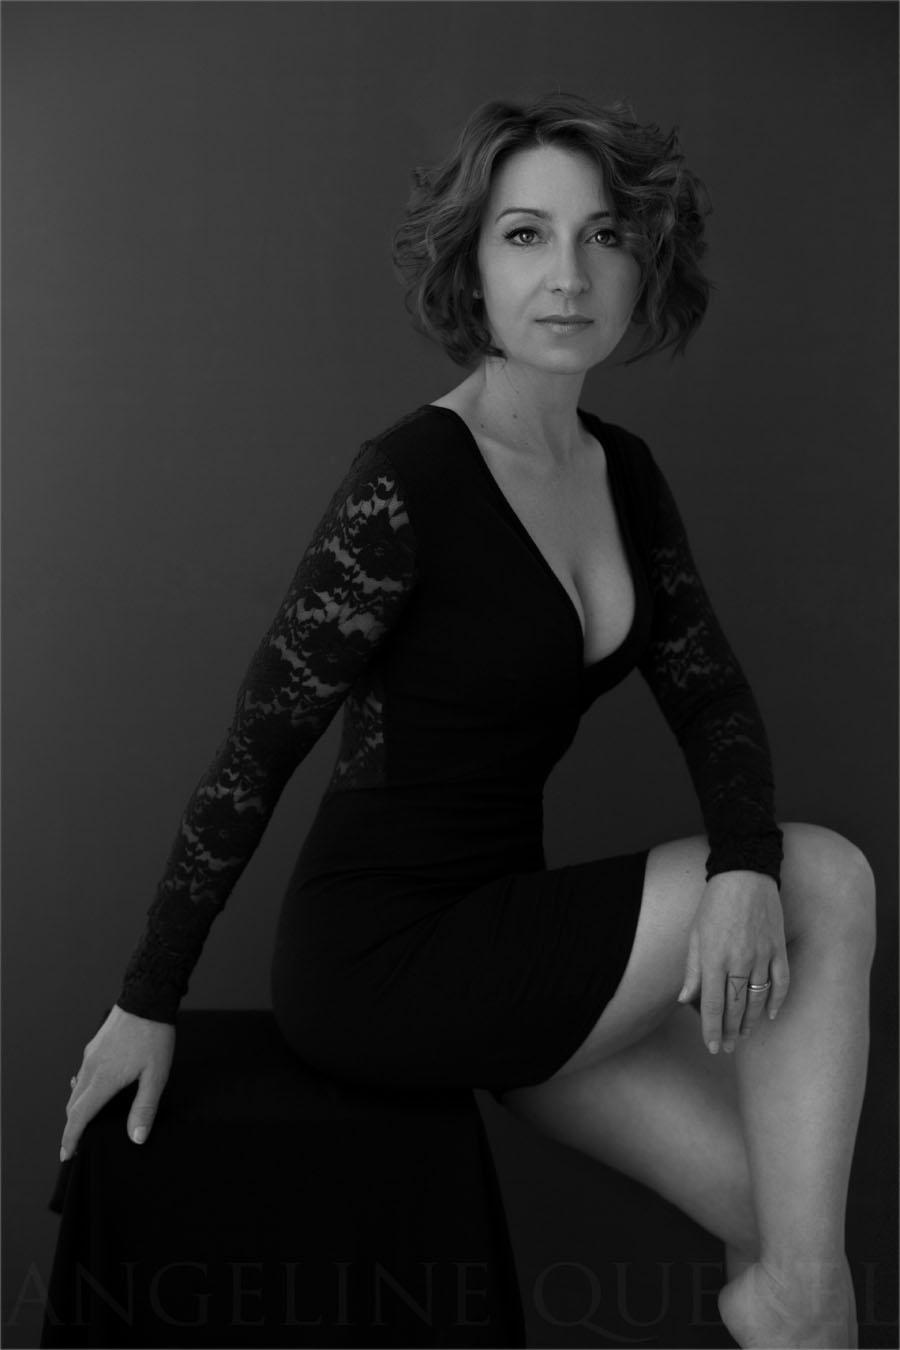 Une autre tenue du studio. Une robe qui met superbement en valeur la silhouette.